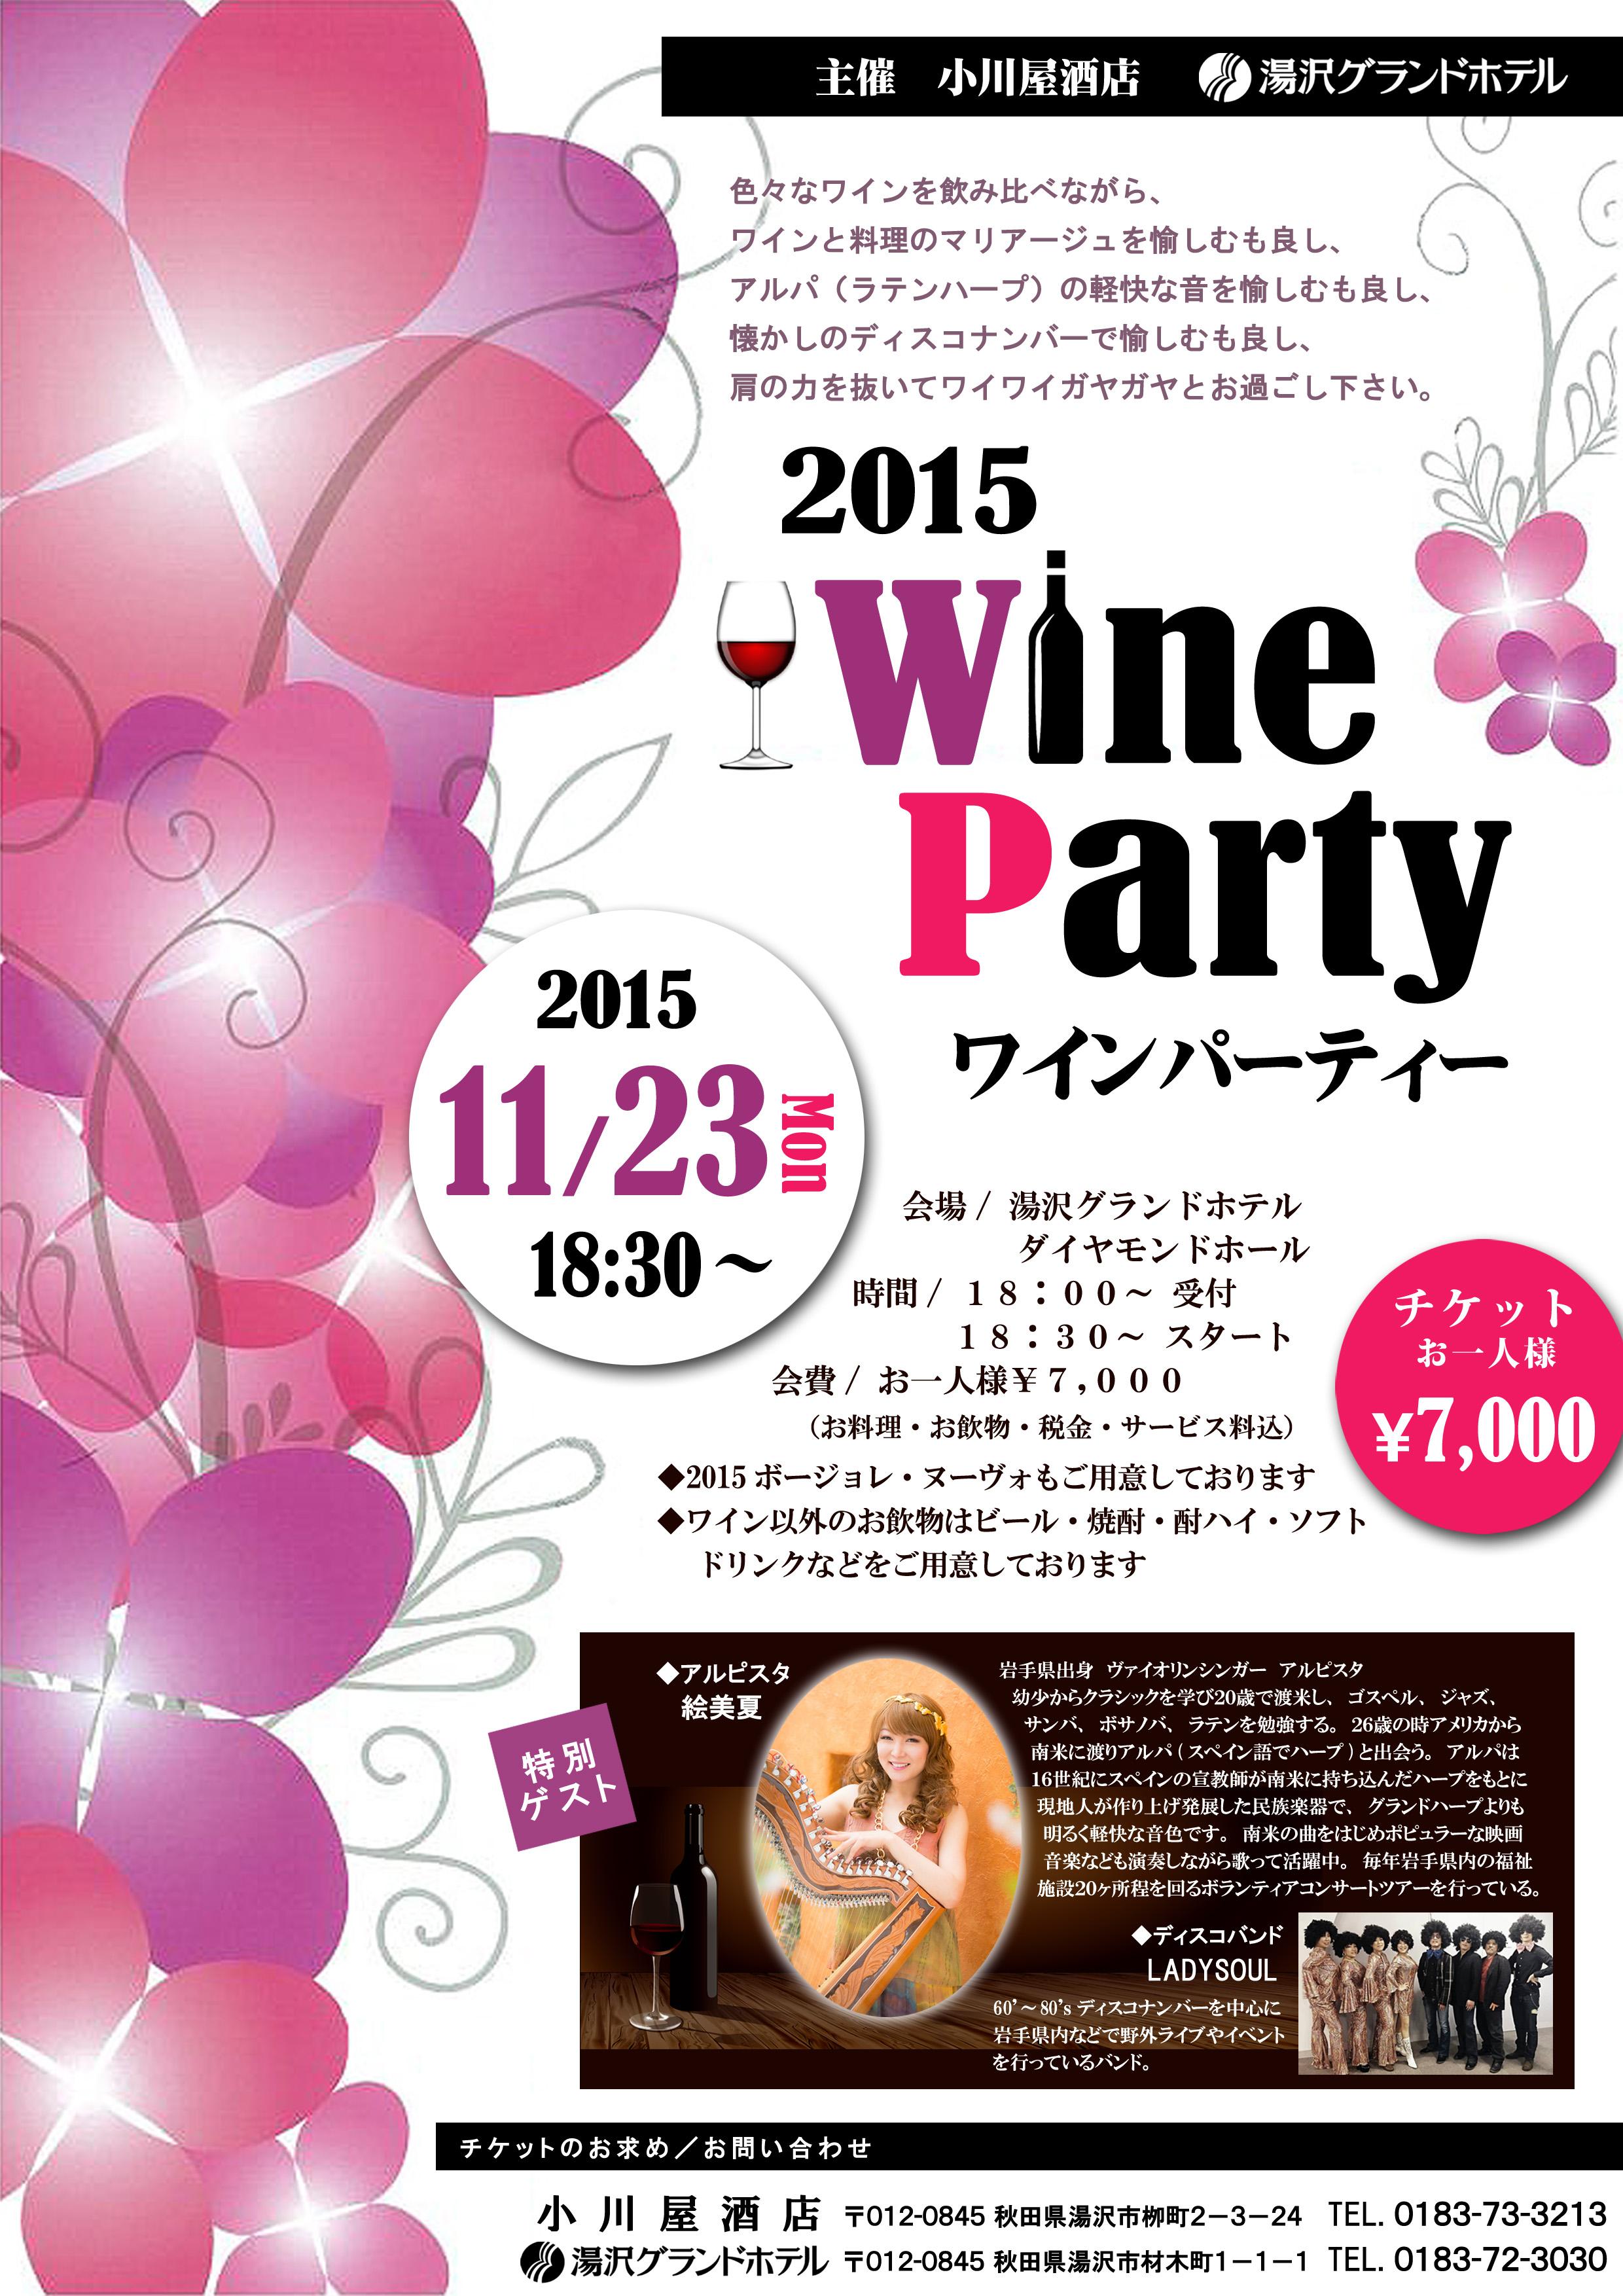 ワインパーティー 秋田県湯沢市